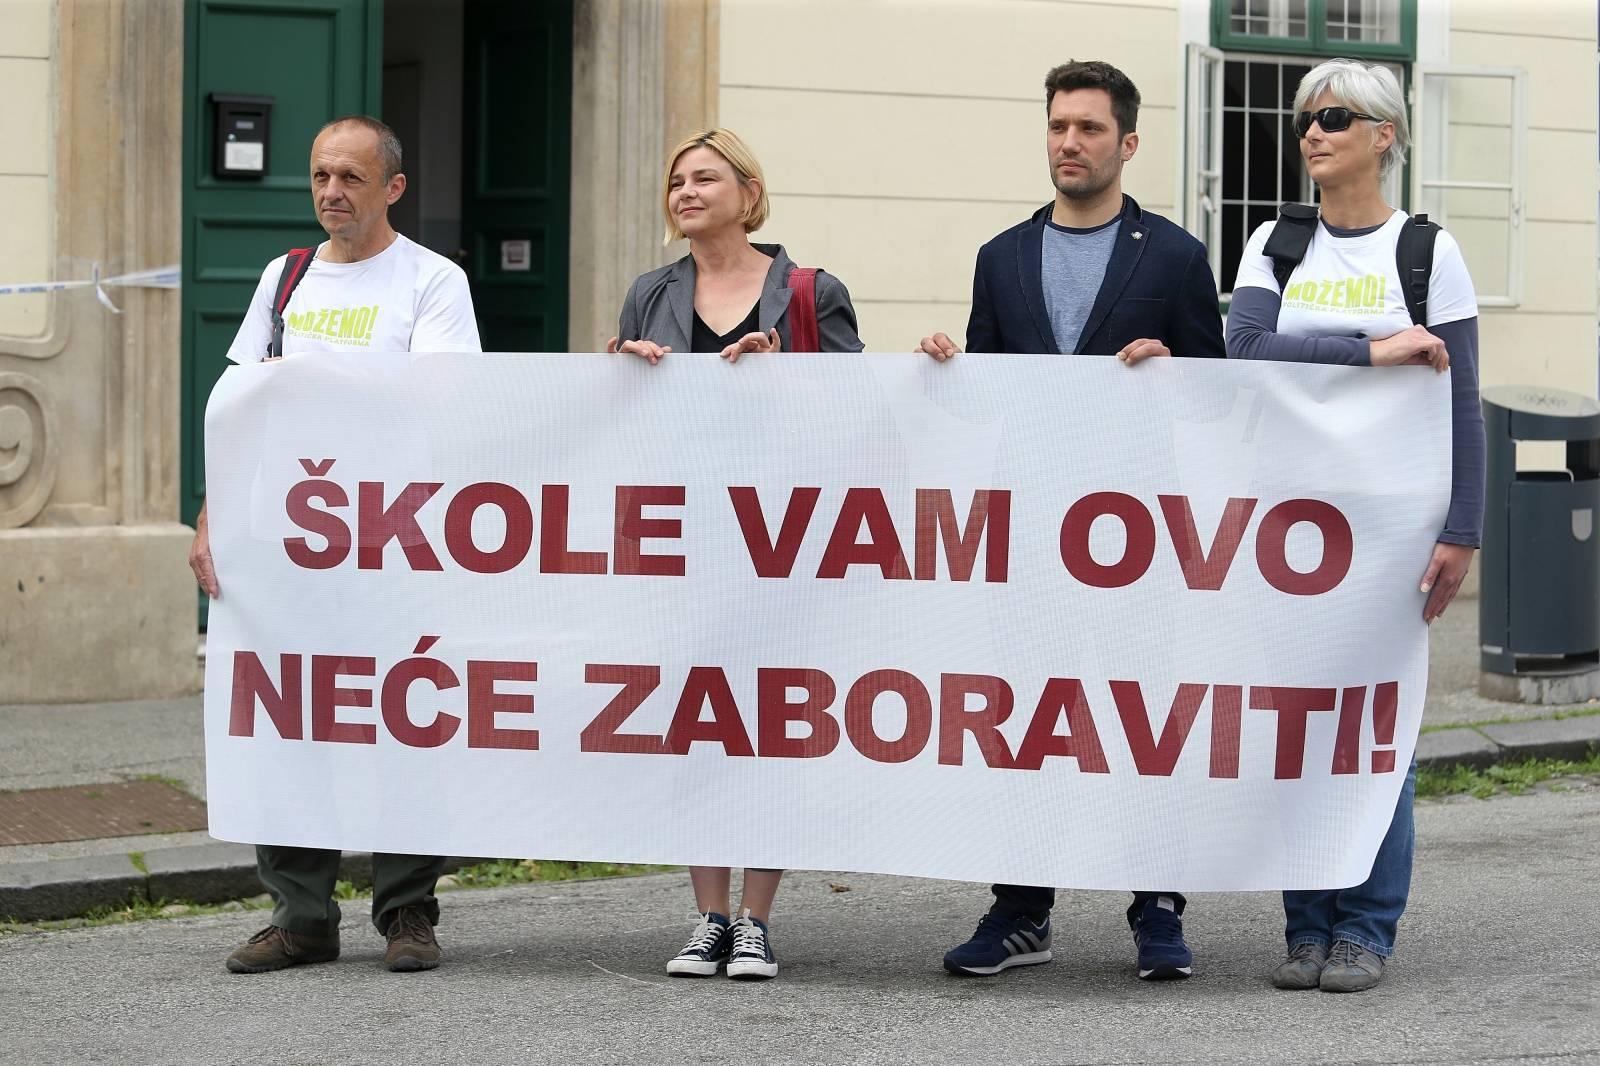 Zagreb: Konferencija za medije u nužnim izmjenama u obrazovnom sustavu